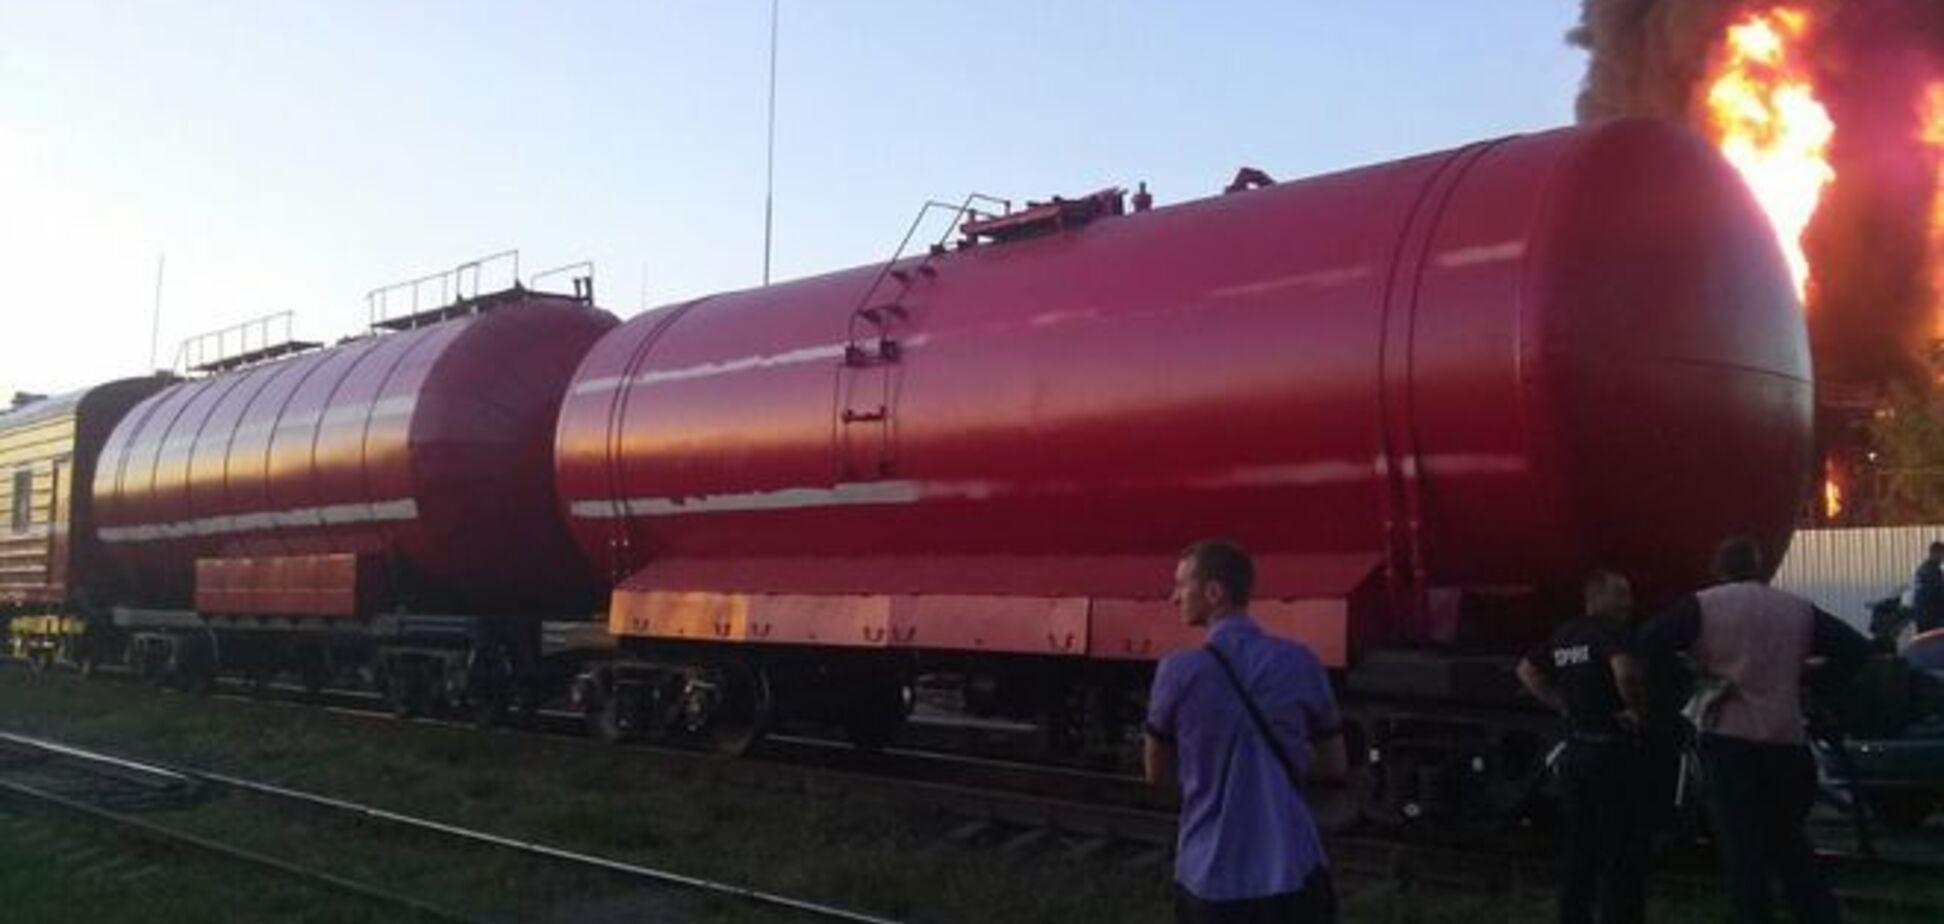 Пожар в Василькове: стало известно, почему до нефтебазы не доехали пожарные поезда